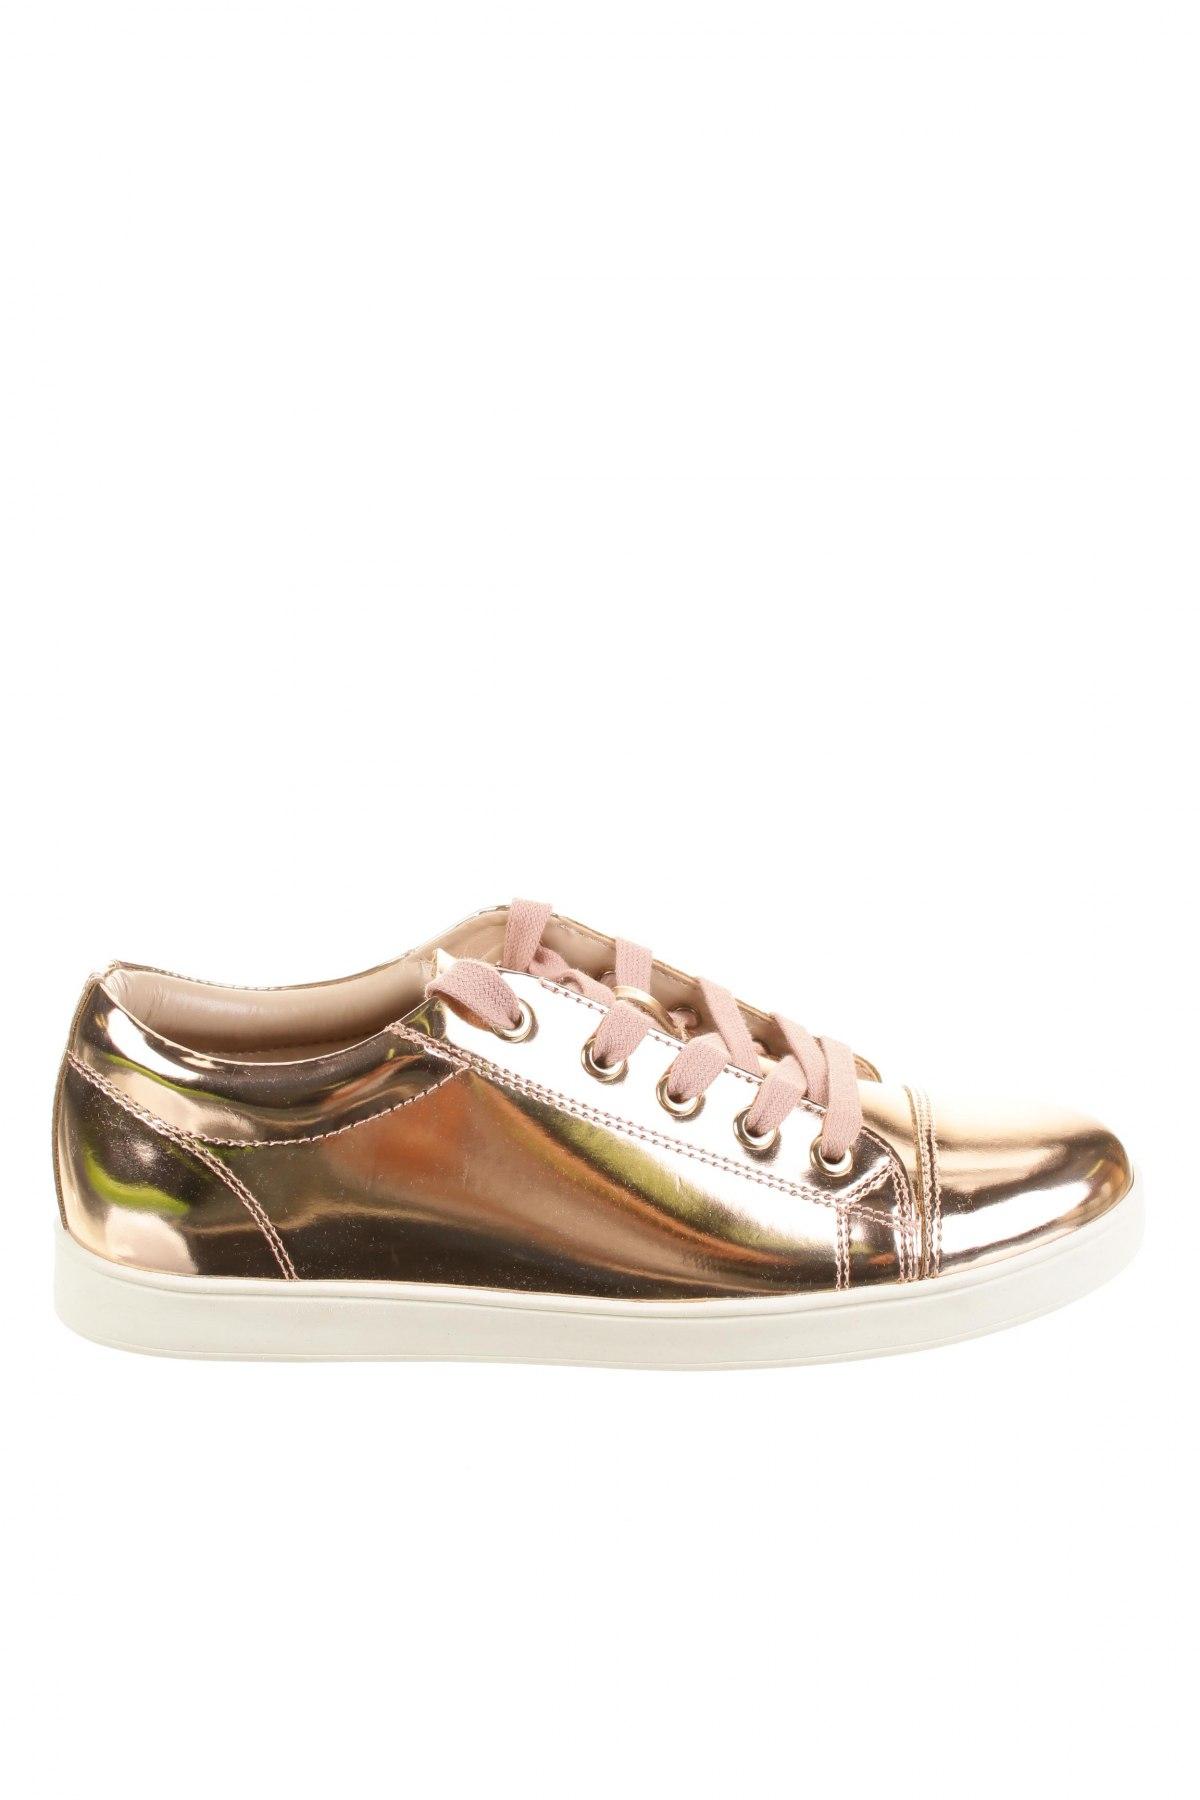 7b28c813425f Dámske topánky Buffalo - za výhodnú cenu na Remix -  102460791